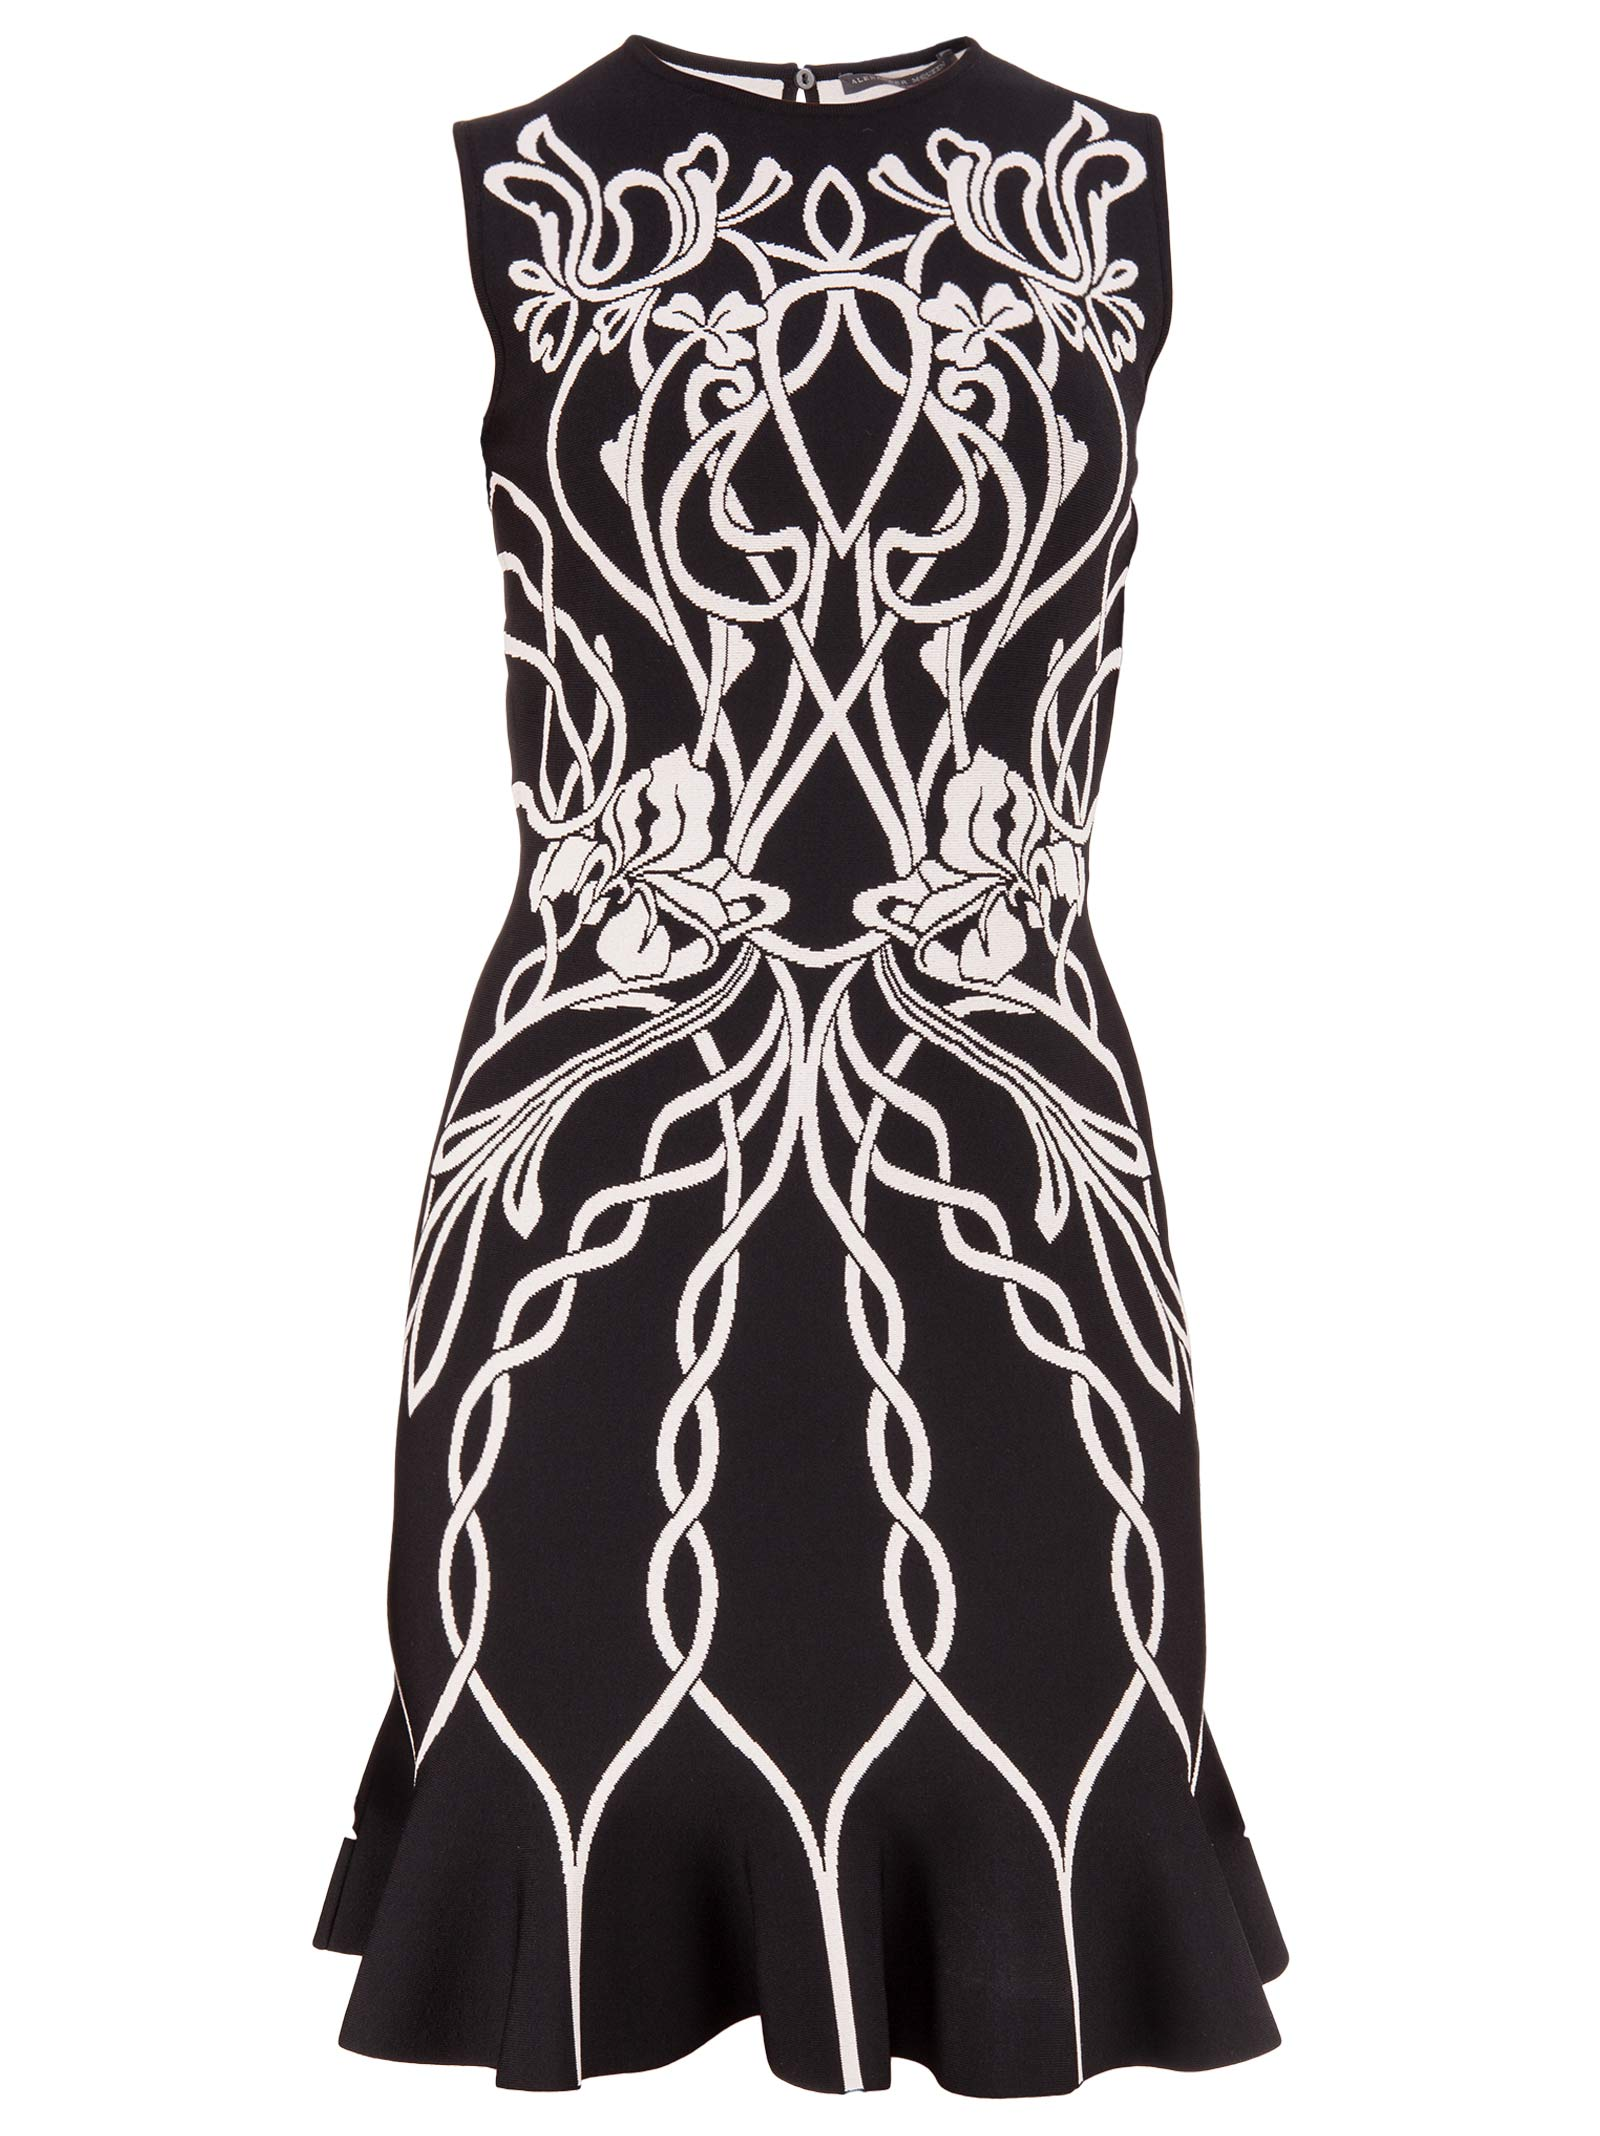 8722cbee8a8 Alexander McQueen dress - Alexander McQueen - Michele Franzese Moda